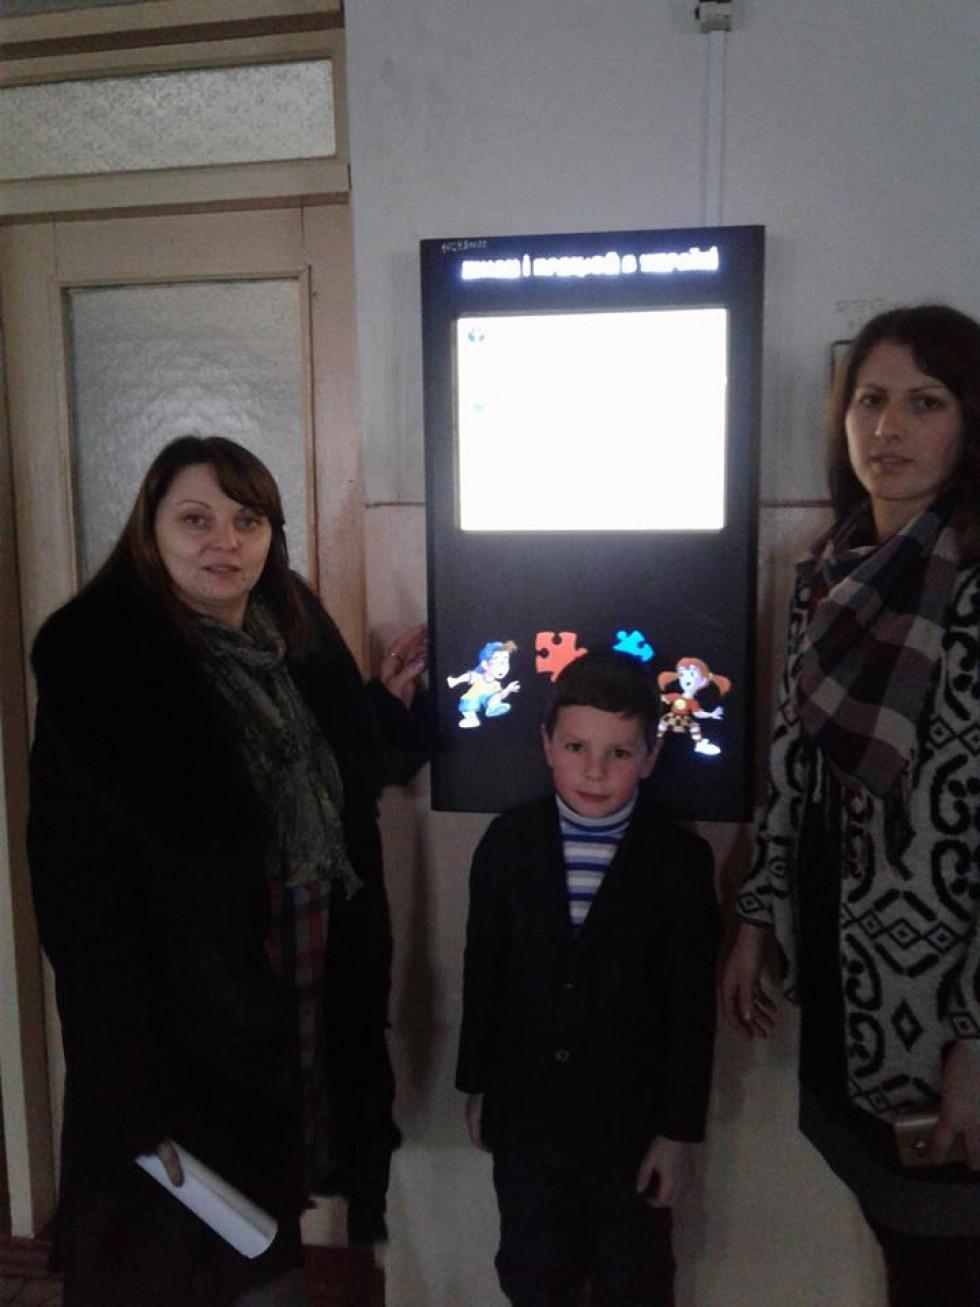 Профорієнтаційні термінали допомагають краще підібрати майбутню професію дітям